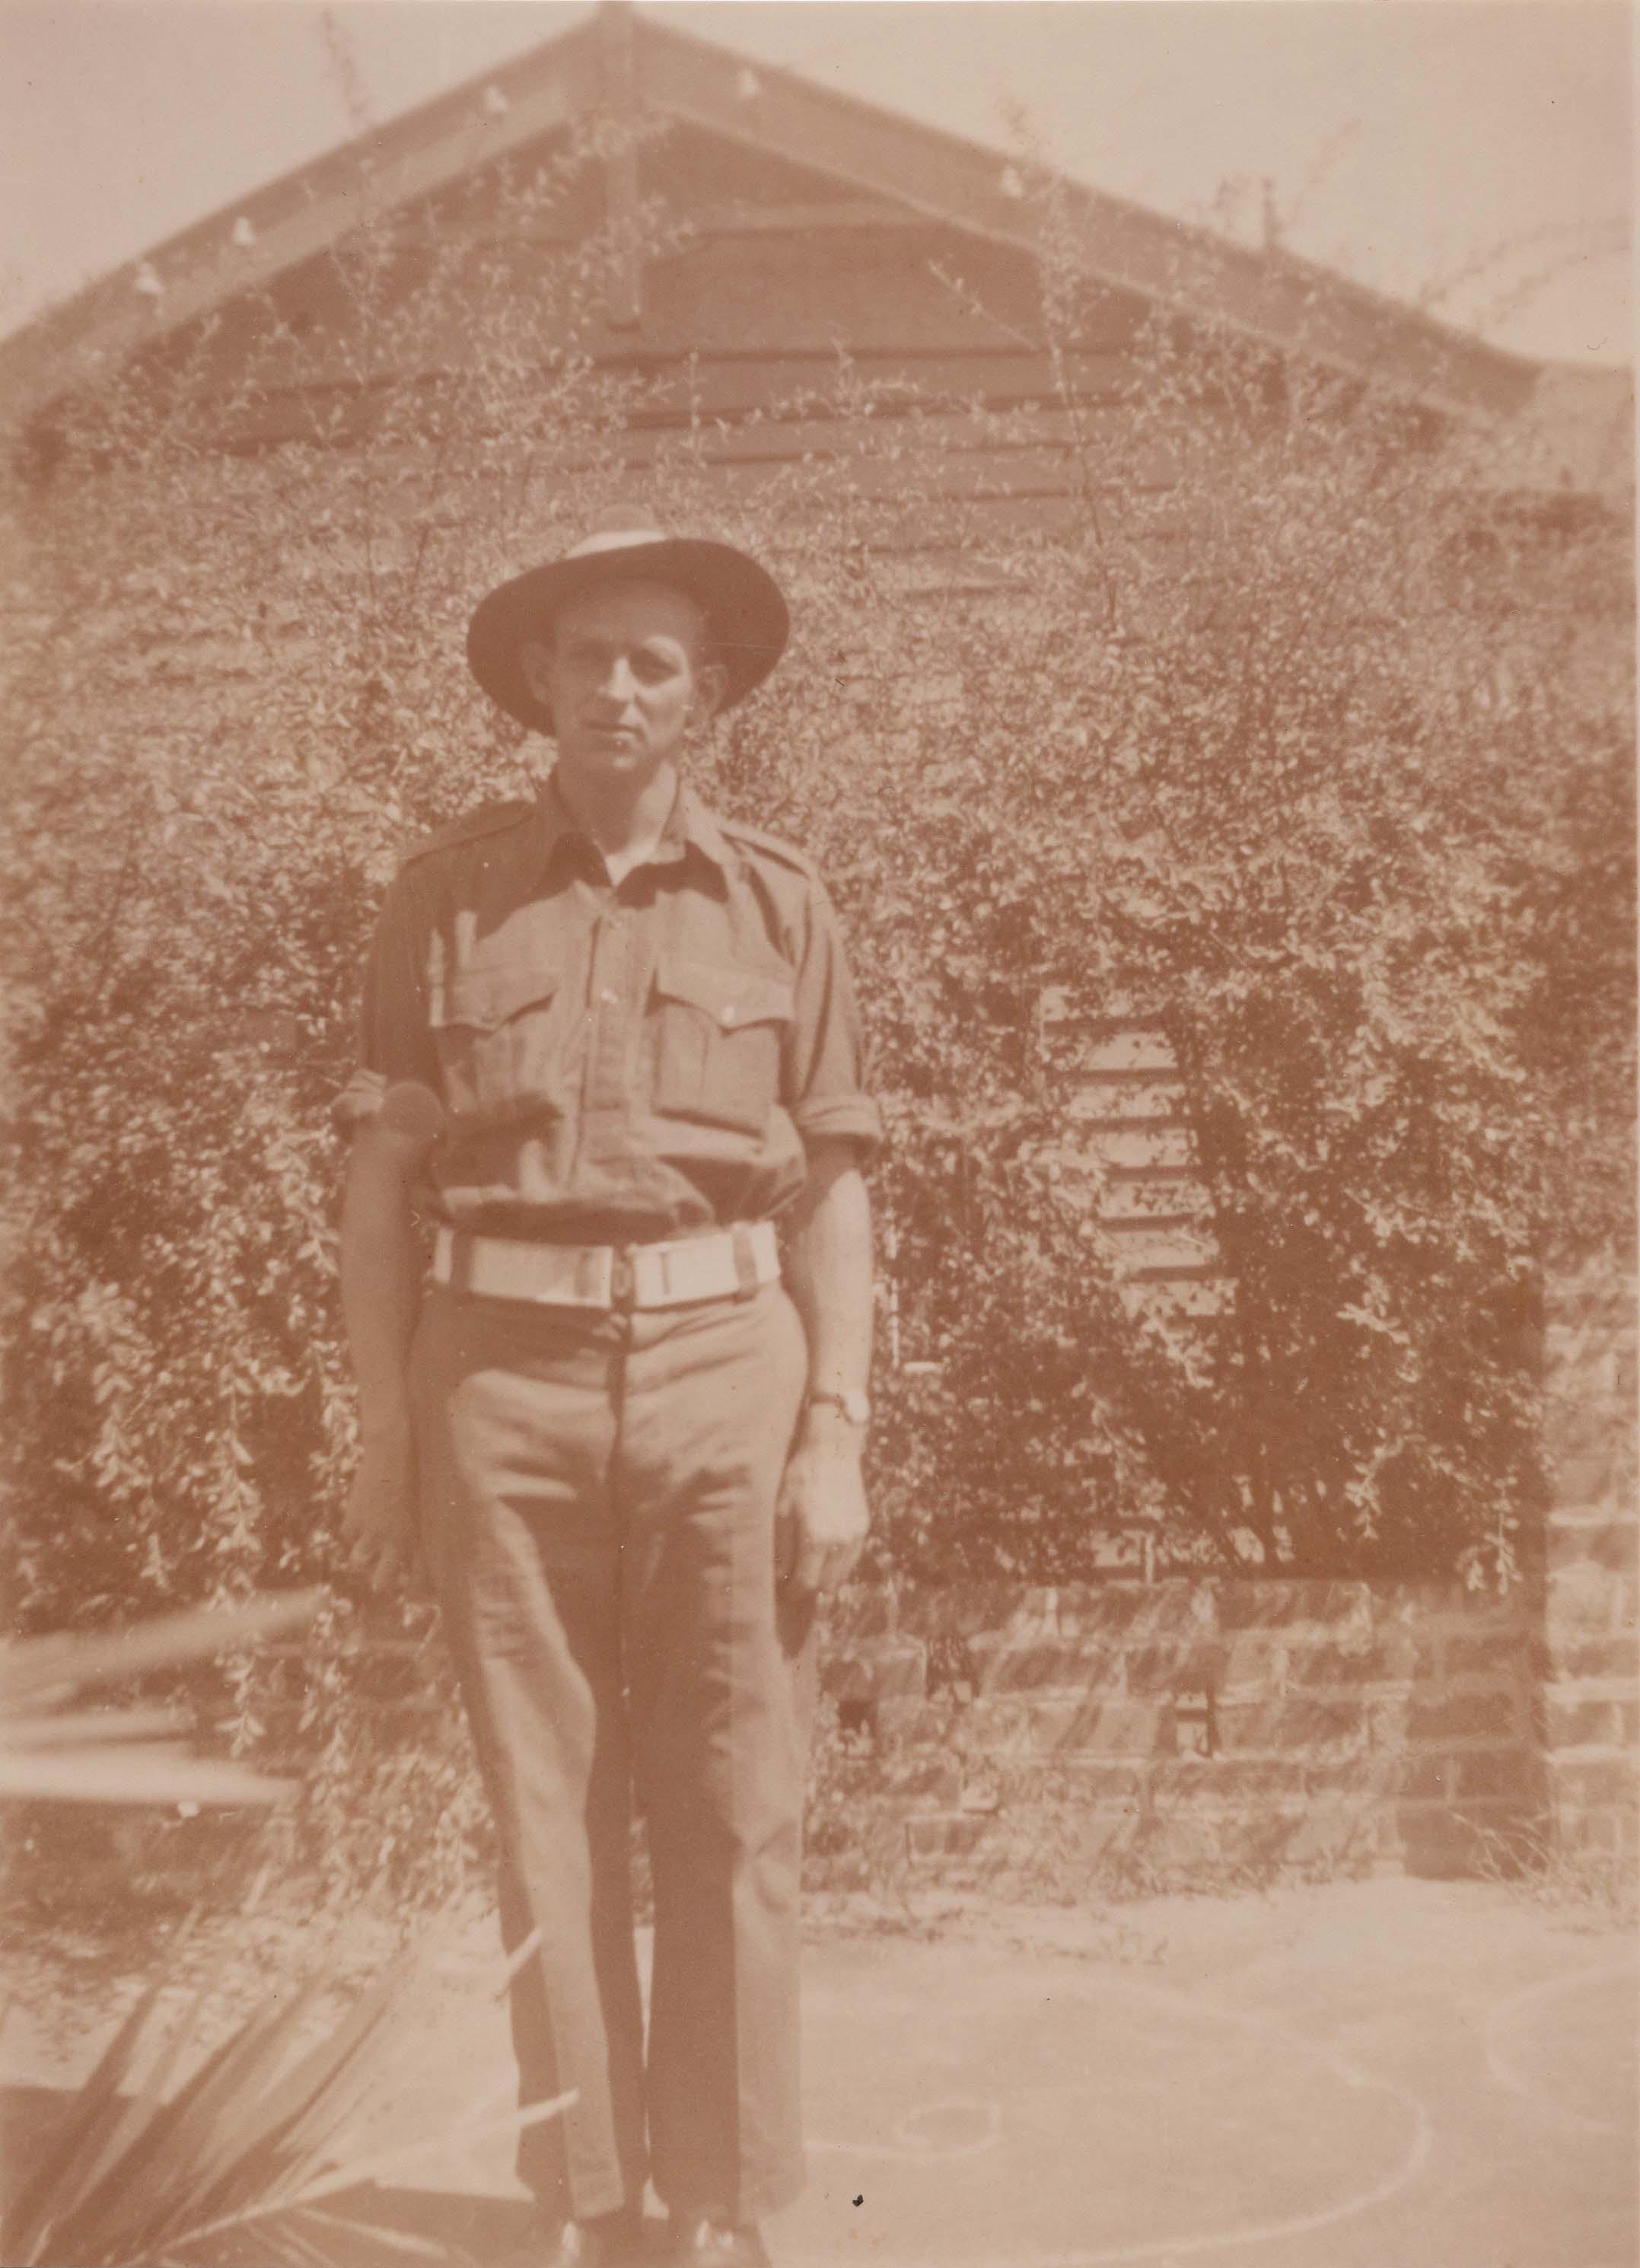 19. Arthur MacLennan, Peach St 1941